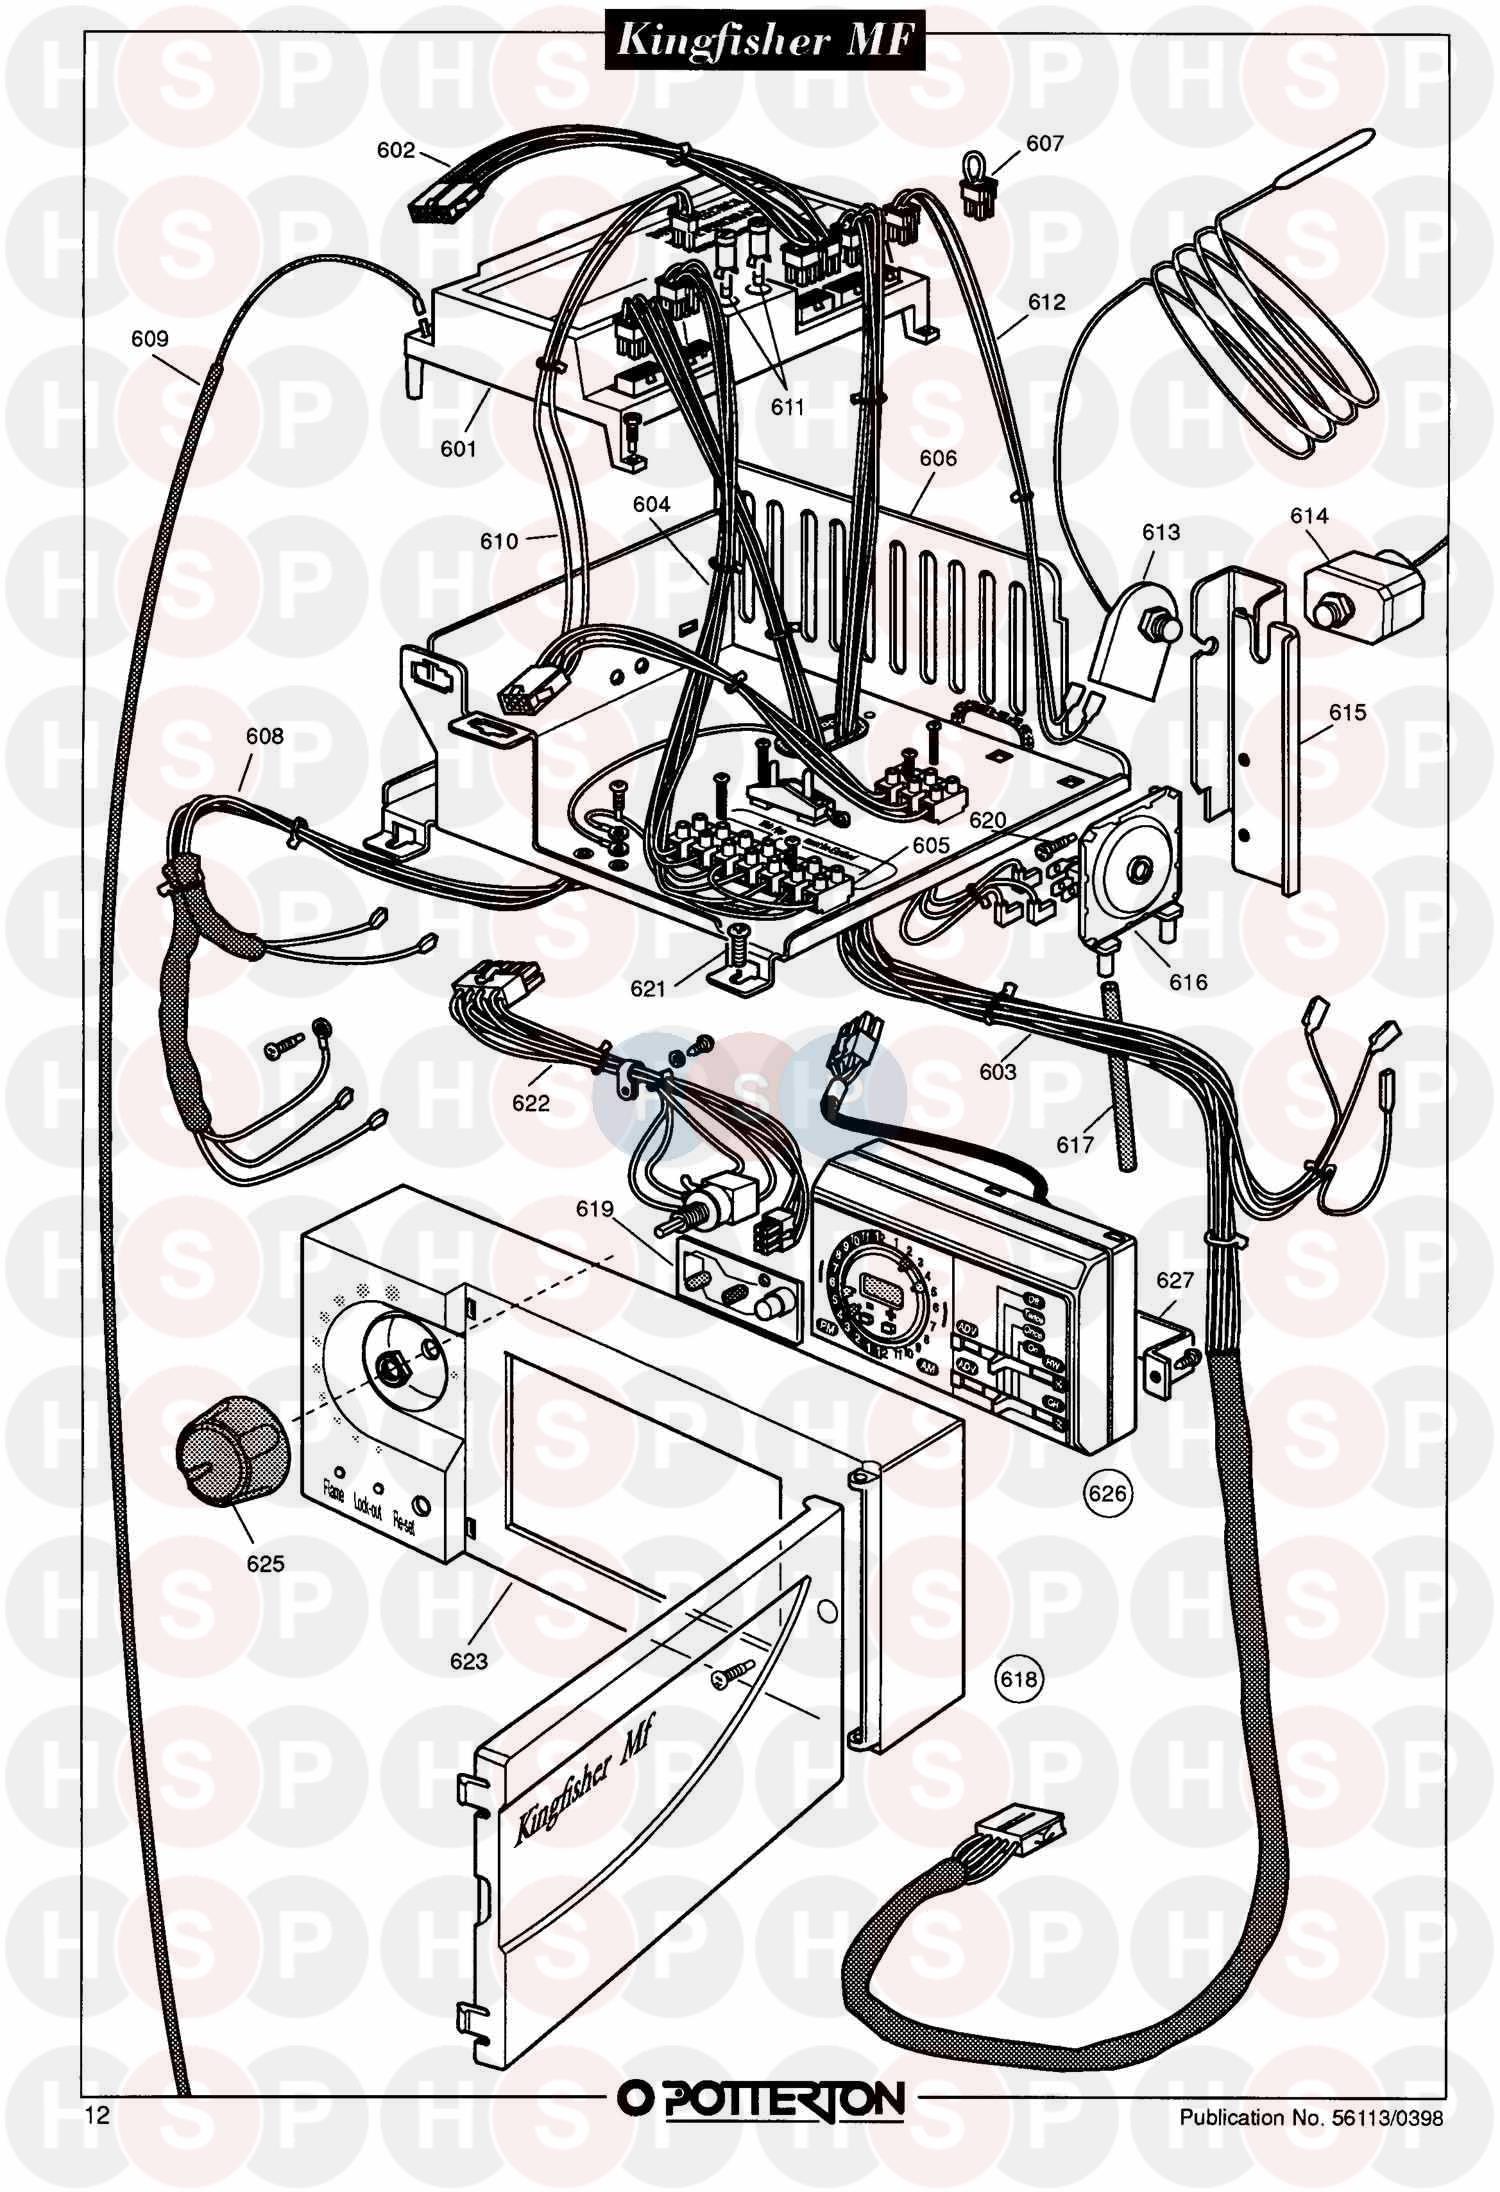 Potterton kingfisher 2 rs40 manualidades